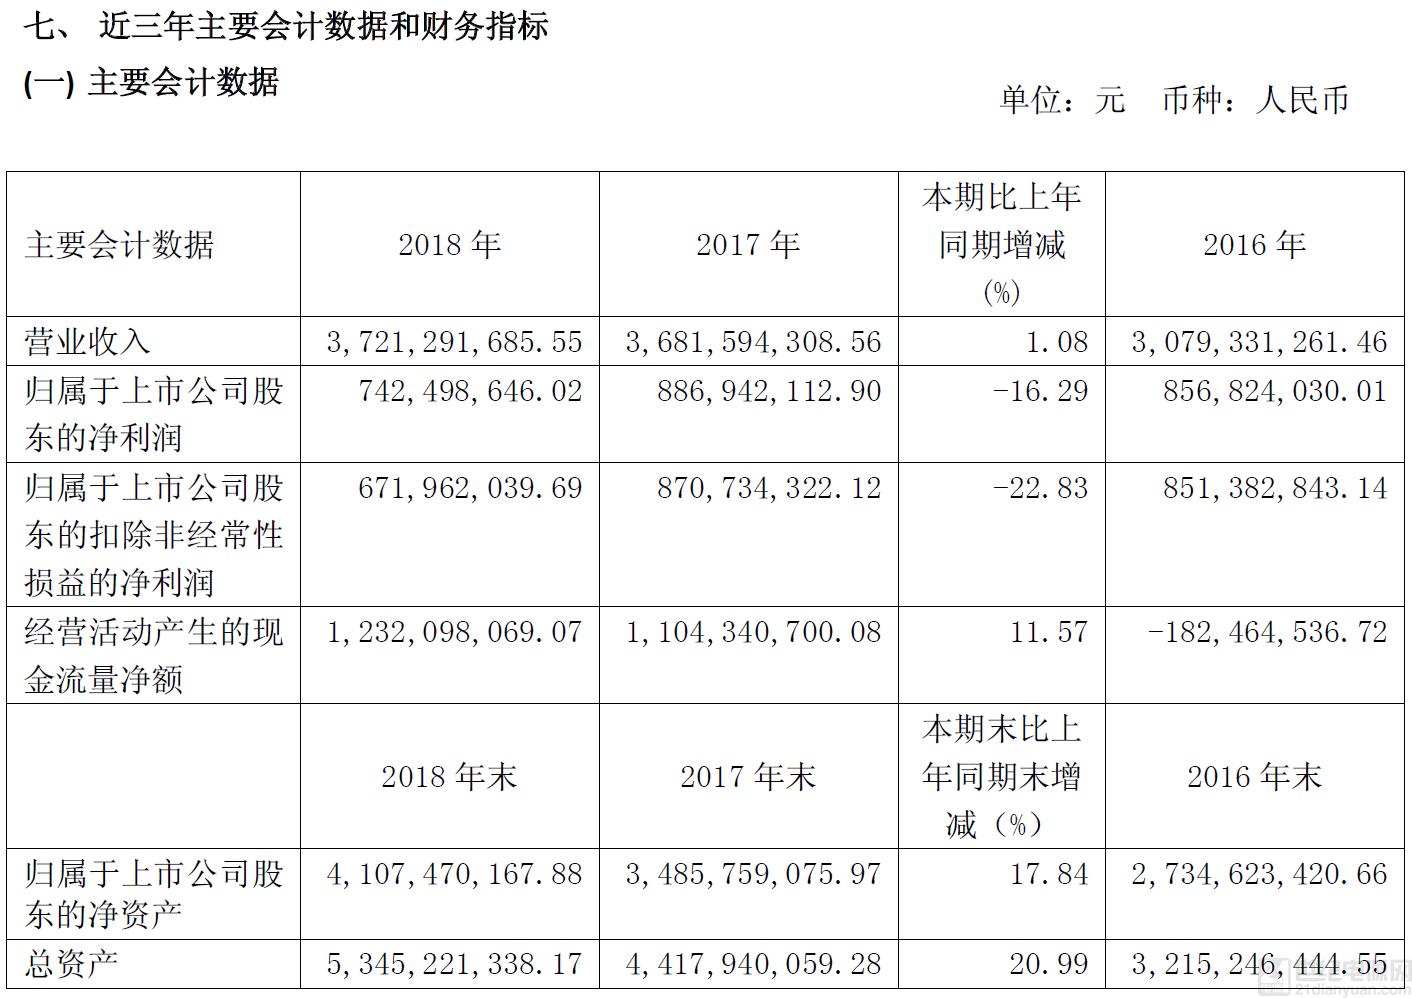 华米 OV 屏下指纹供应商 —— 汇顶科技去年营收 37.21 亿元